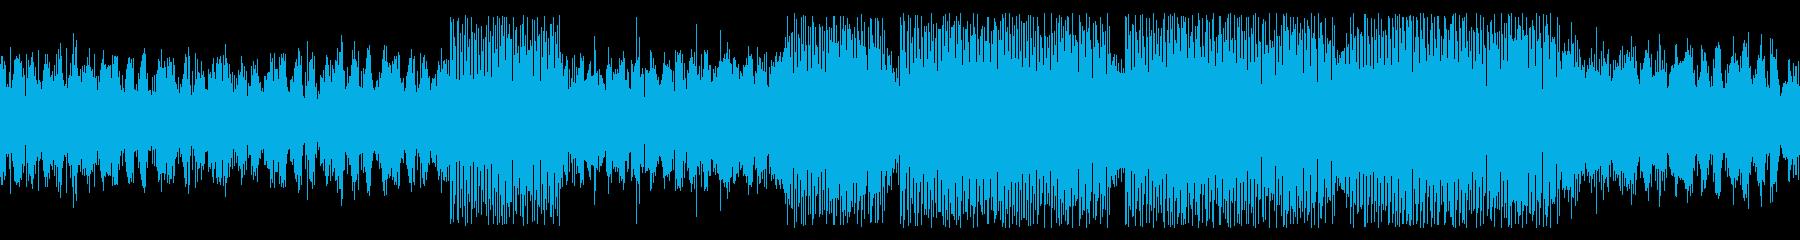 ループ仕様・中東風の緊張感あるBGMの再生済みの波形